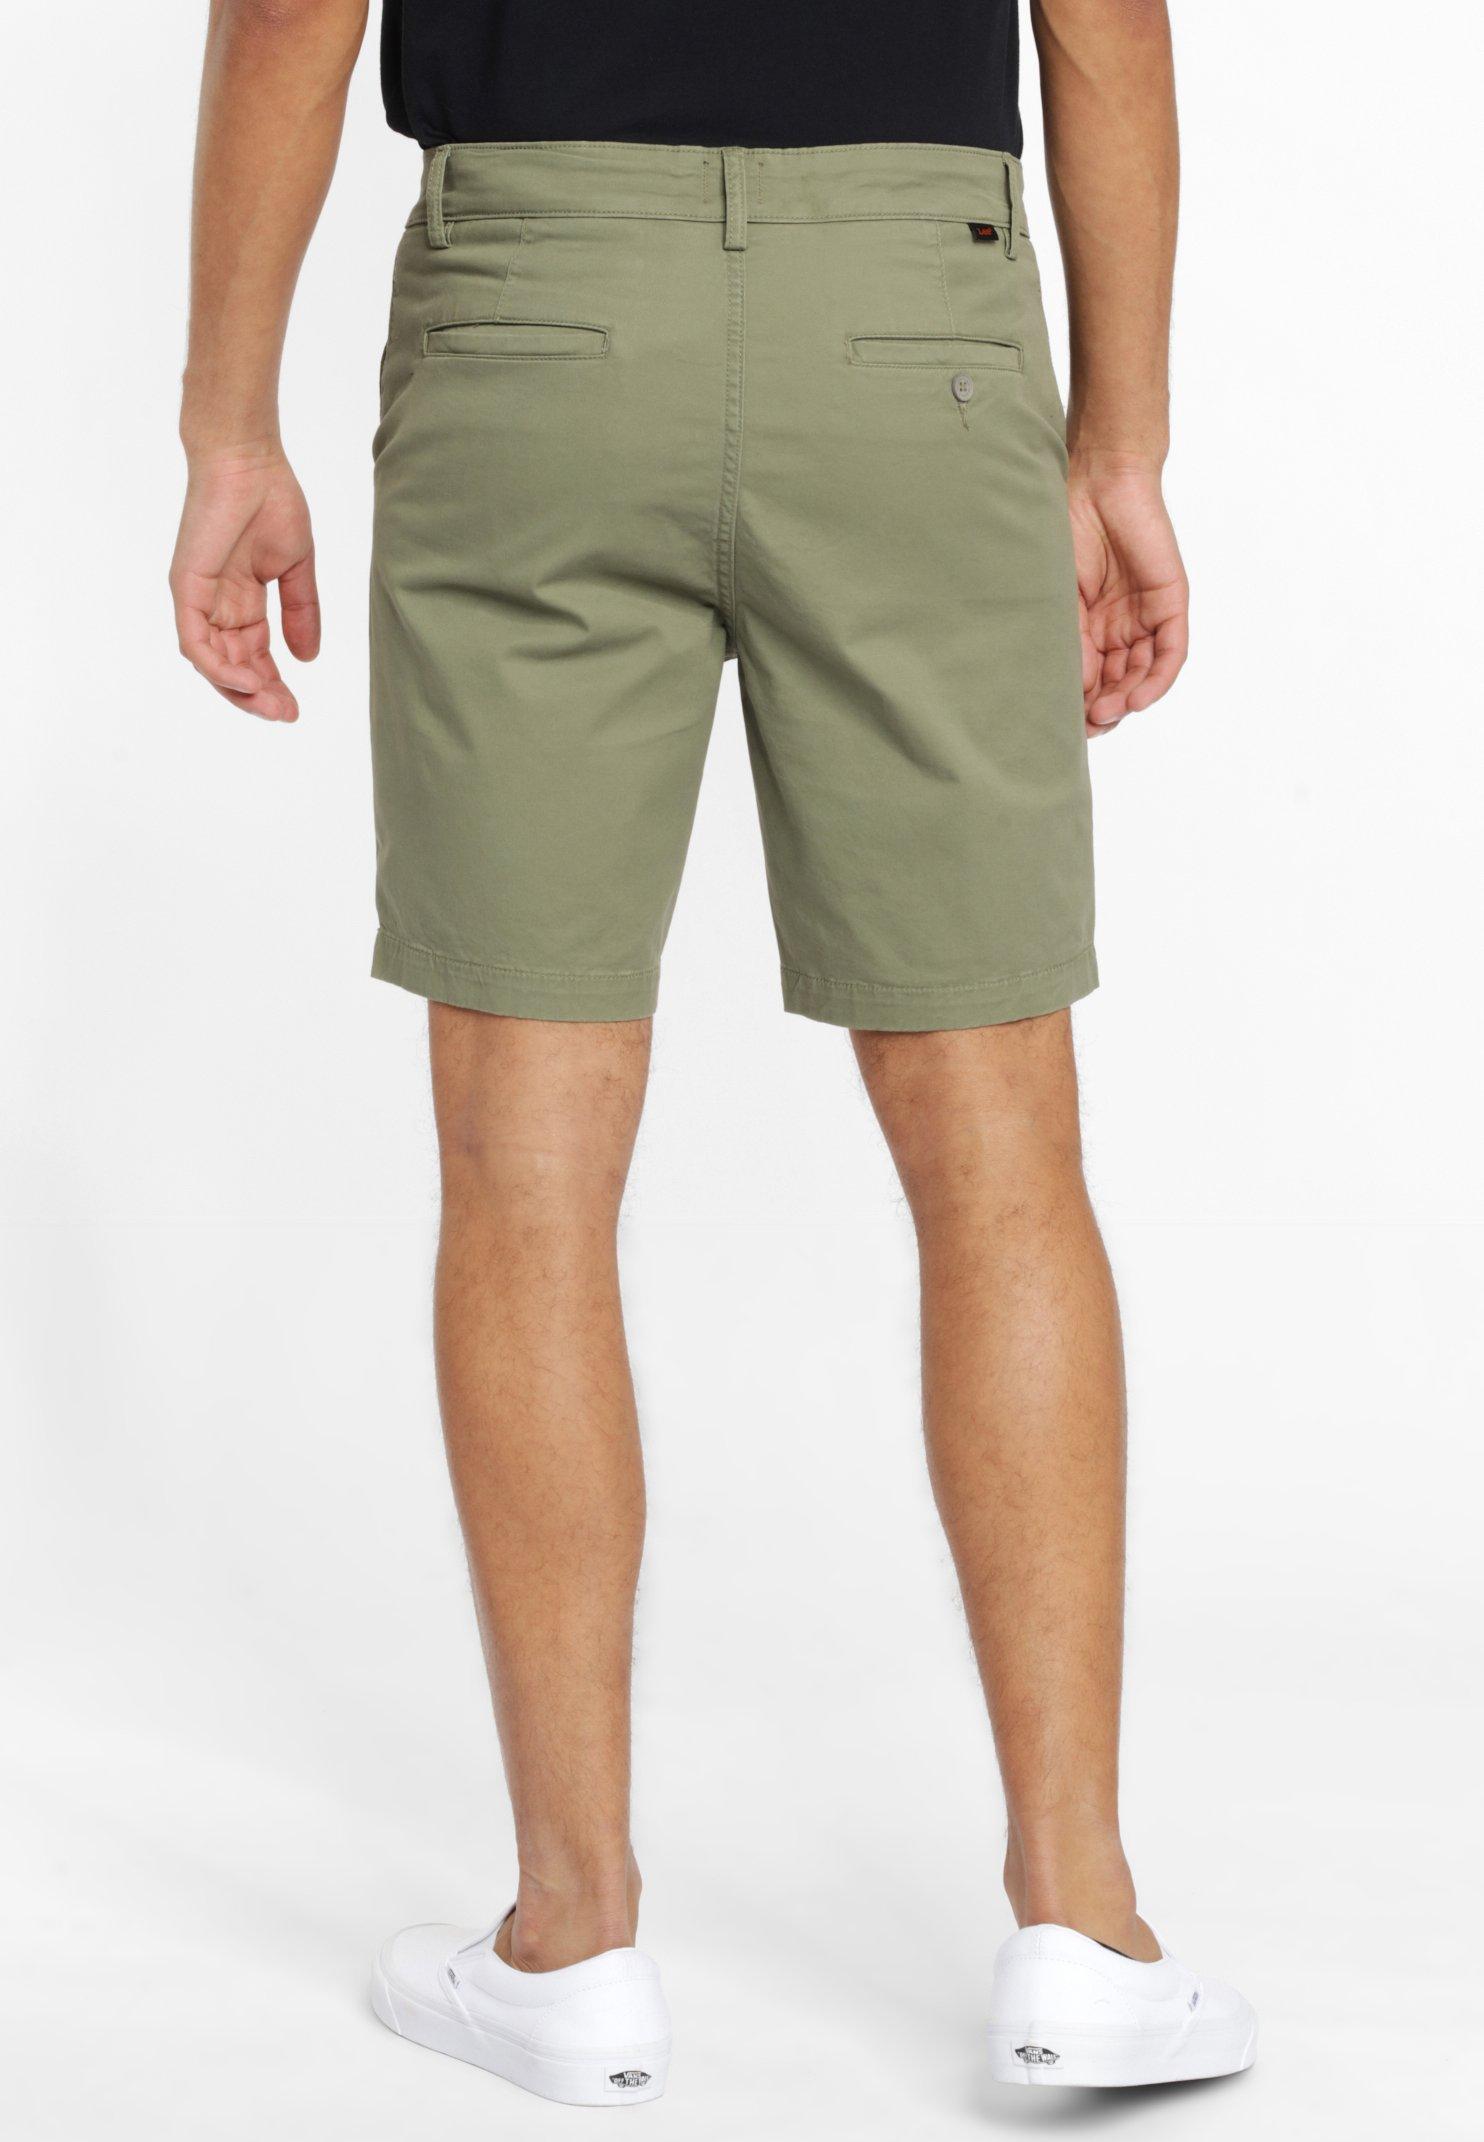 Lee Shorts - Lichen Green